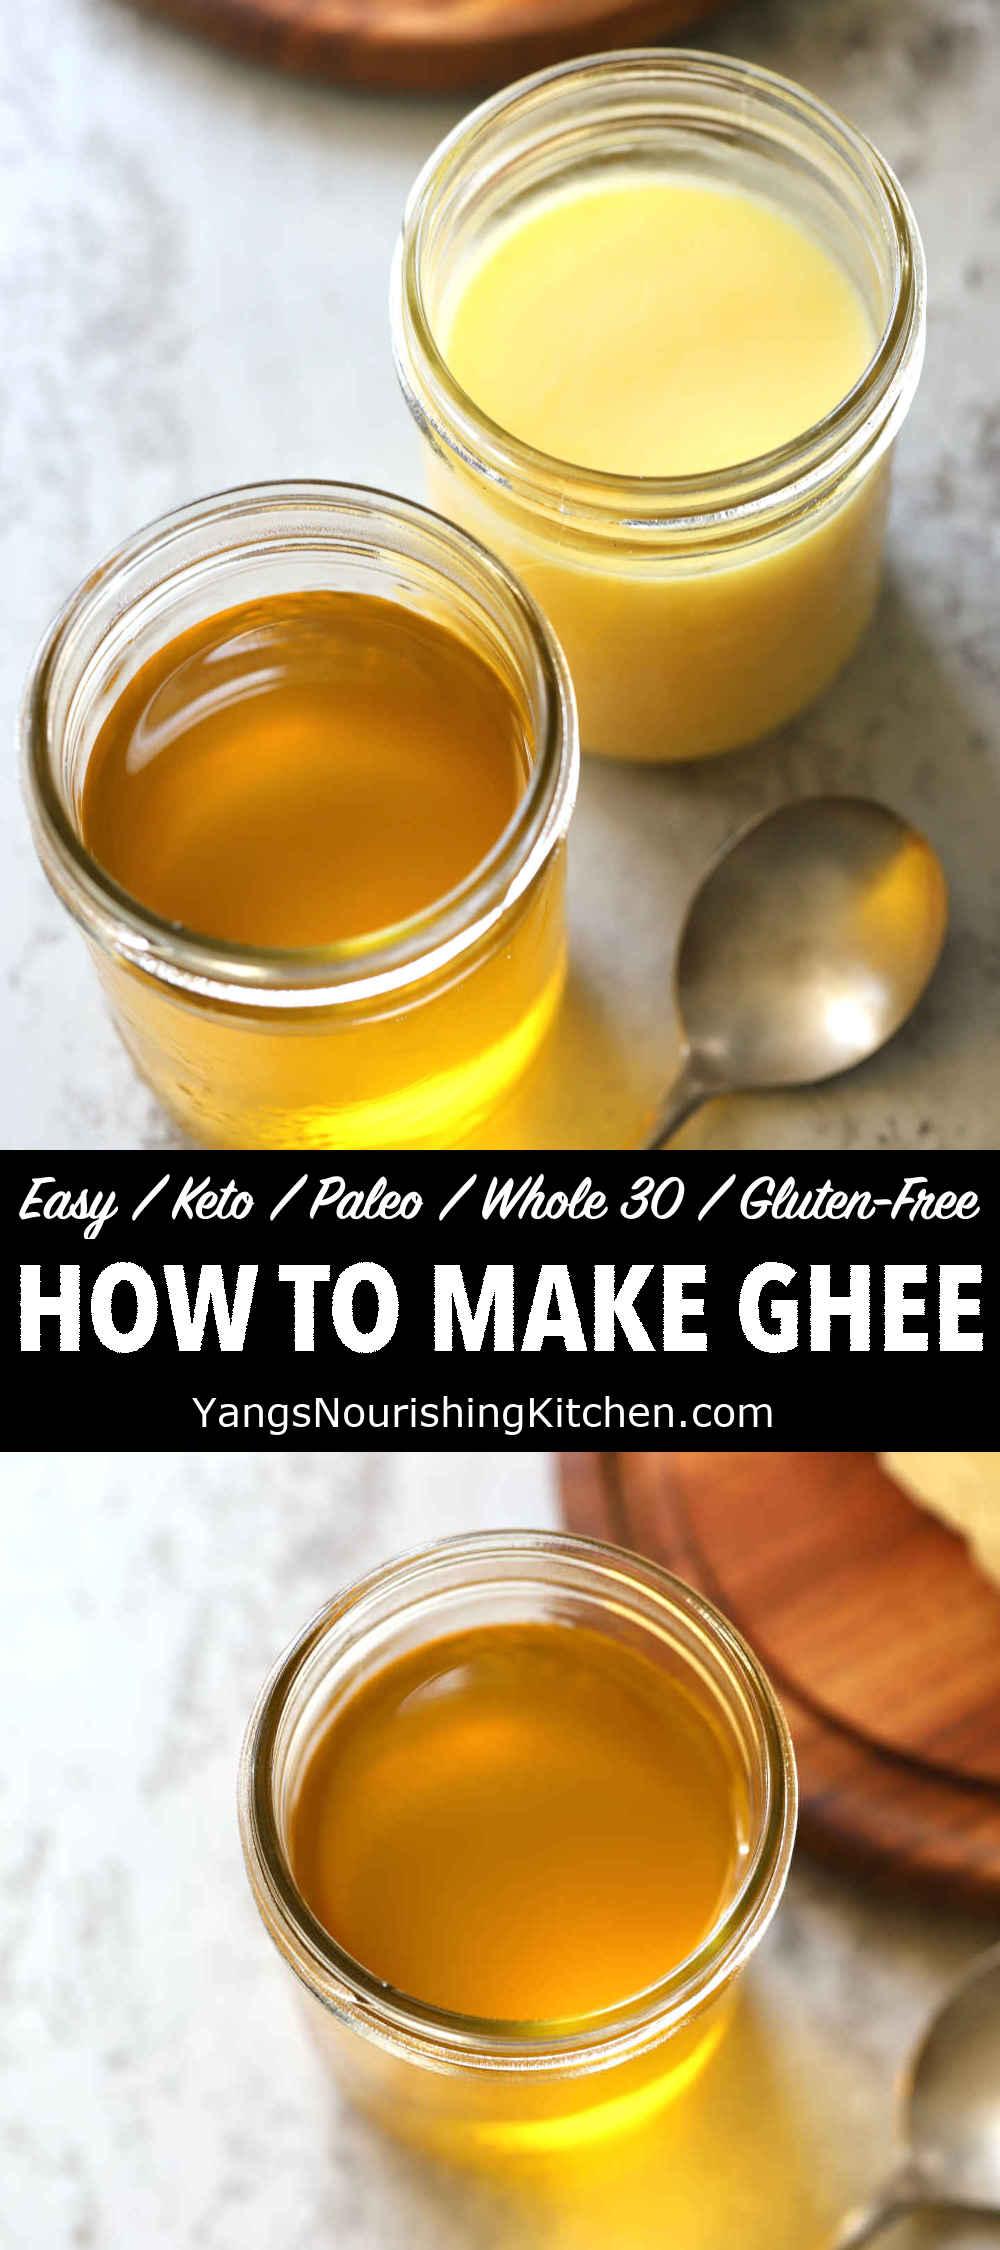 How to Make Ghee (Easy, Plain vs. Spiced)